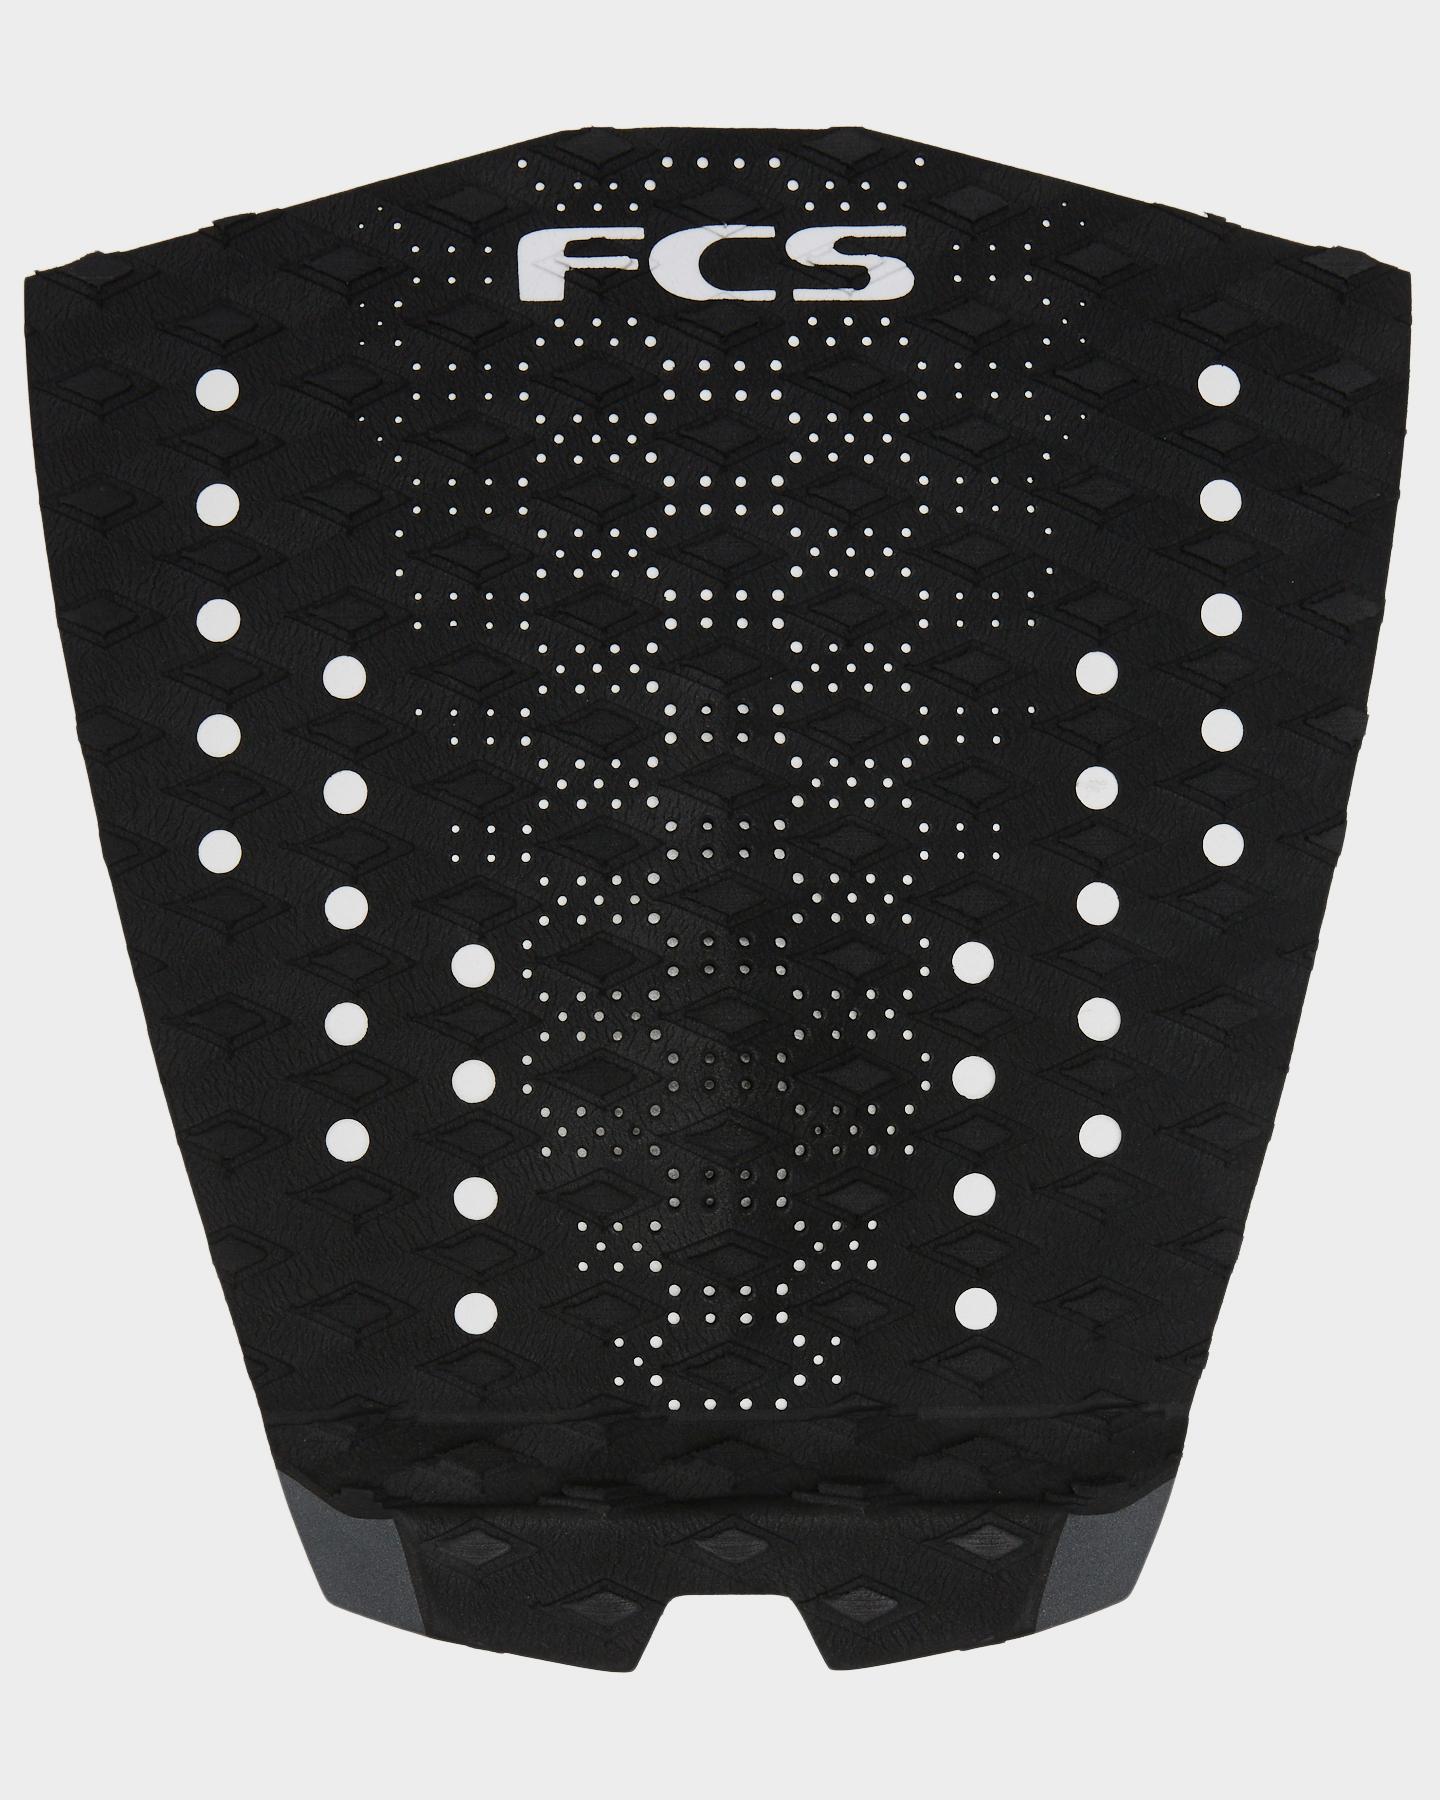 Fcs Fcs T-1 Tail Pad Black Charcoal